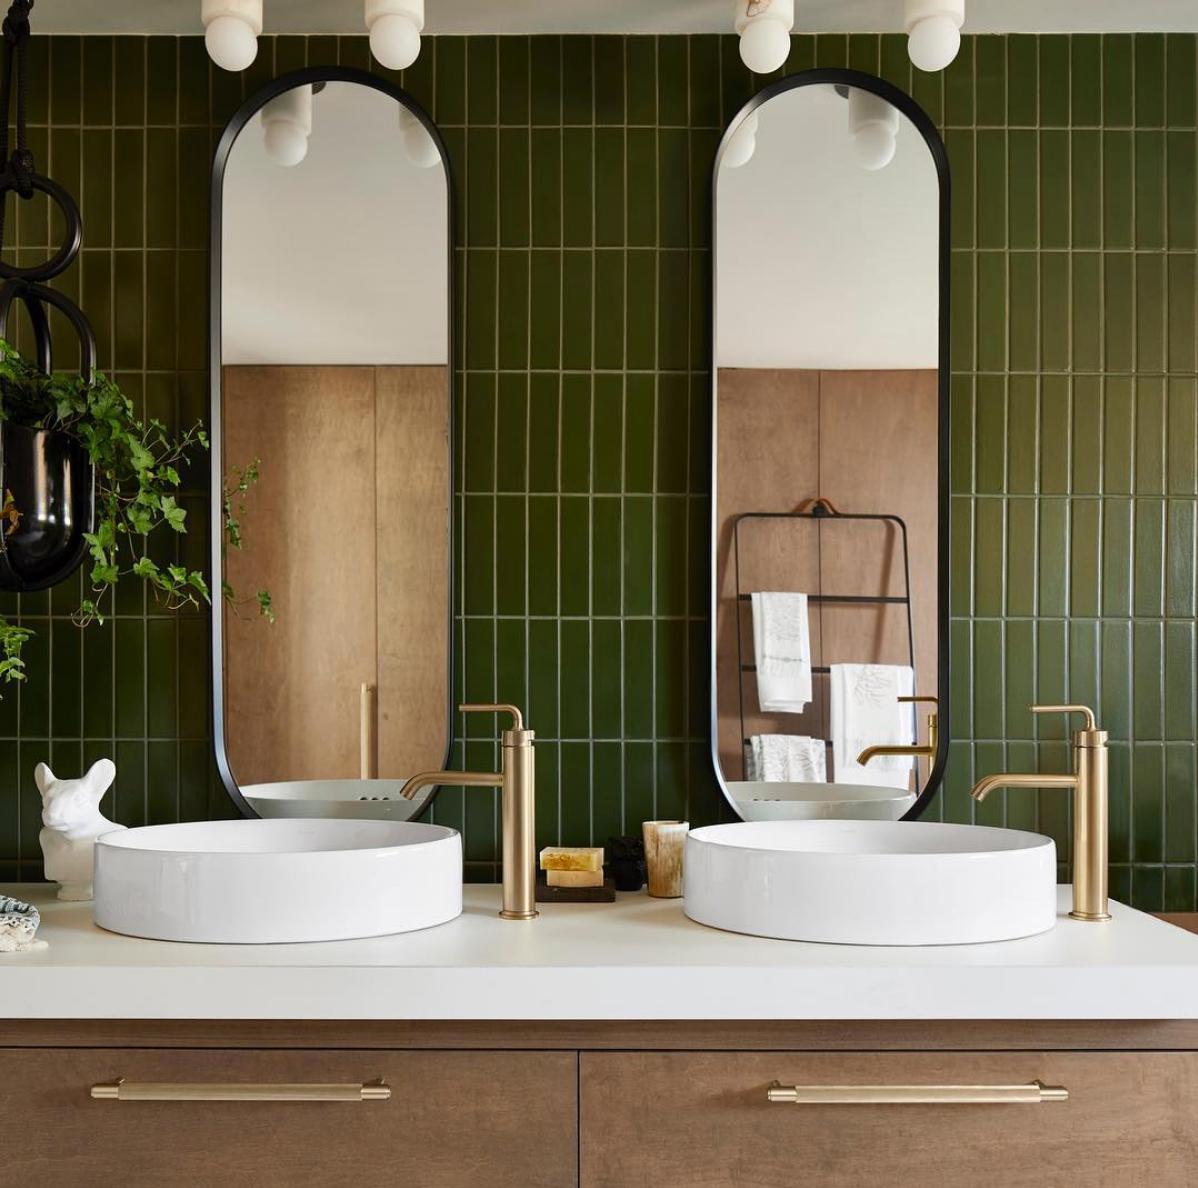 Nieodłącznym towarzyszem zielonej ceramiki jest złota armatura